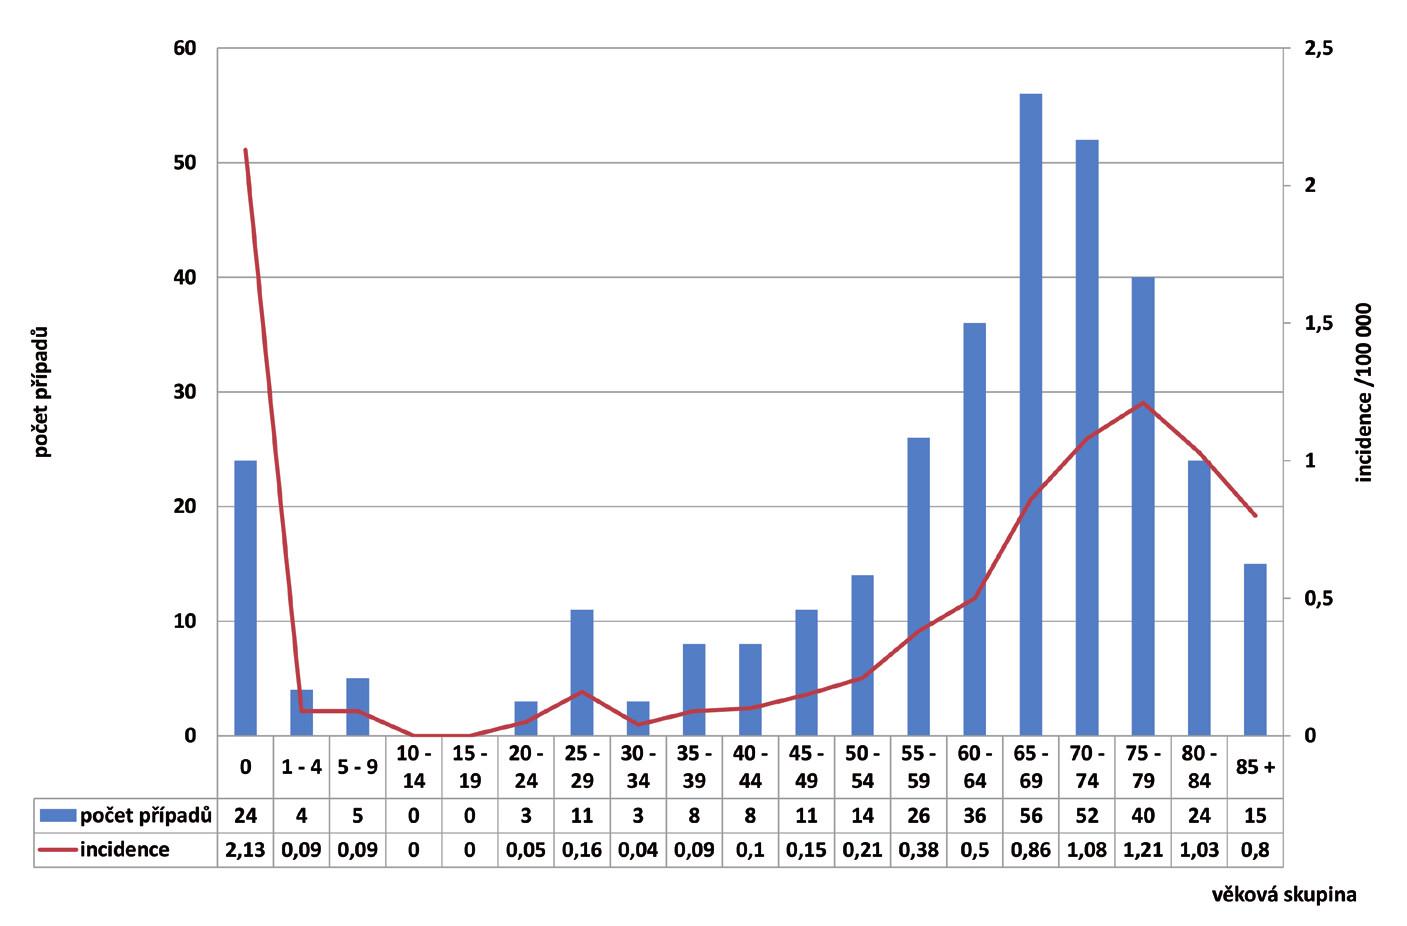 Počet případů a věkově specifická incidence listeriózy podle věkových skupin v České republice v letech 2010–2019